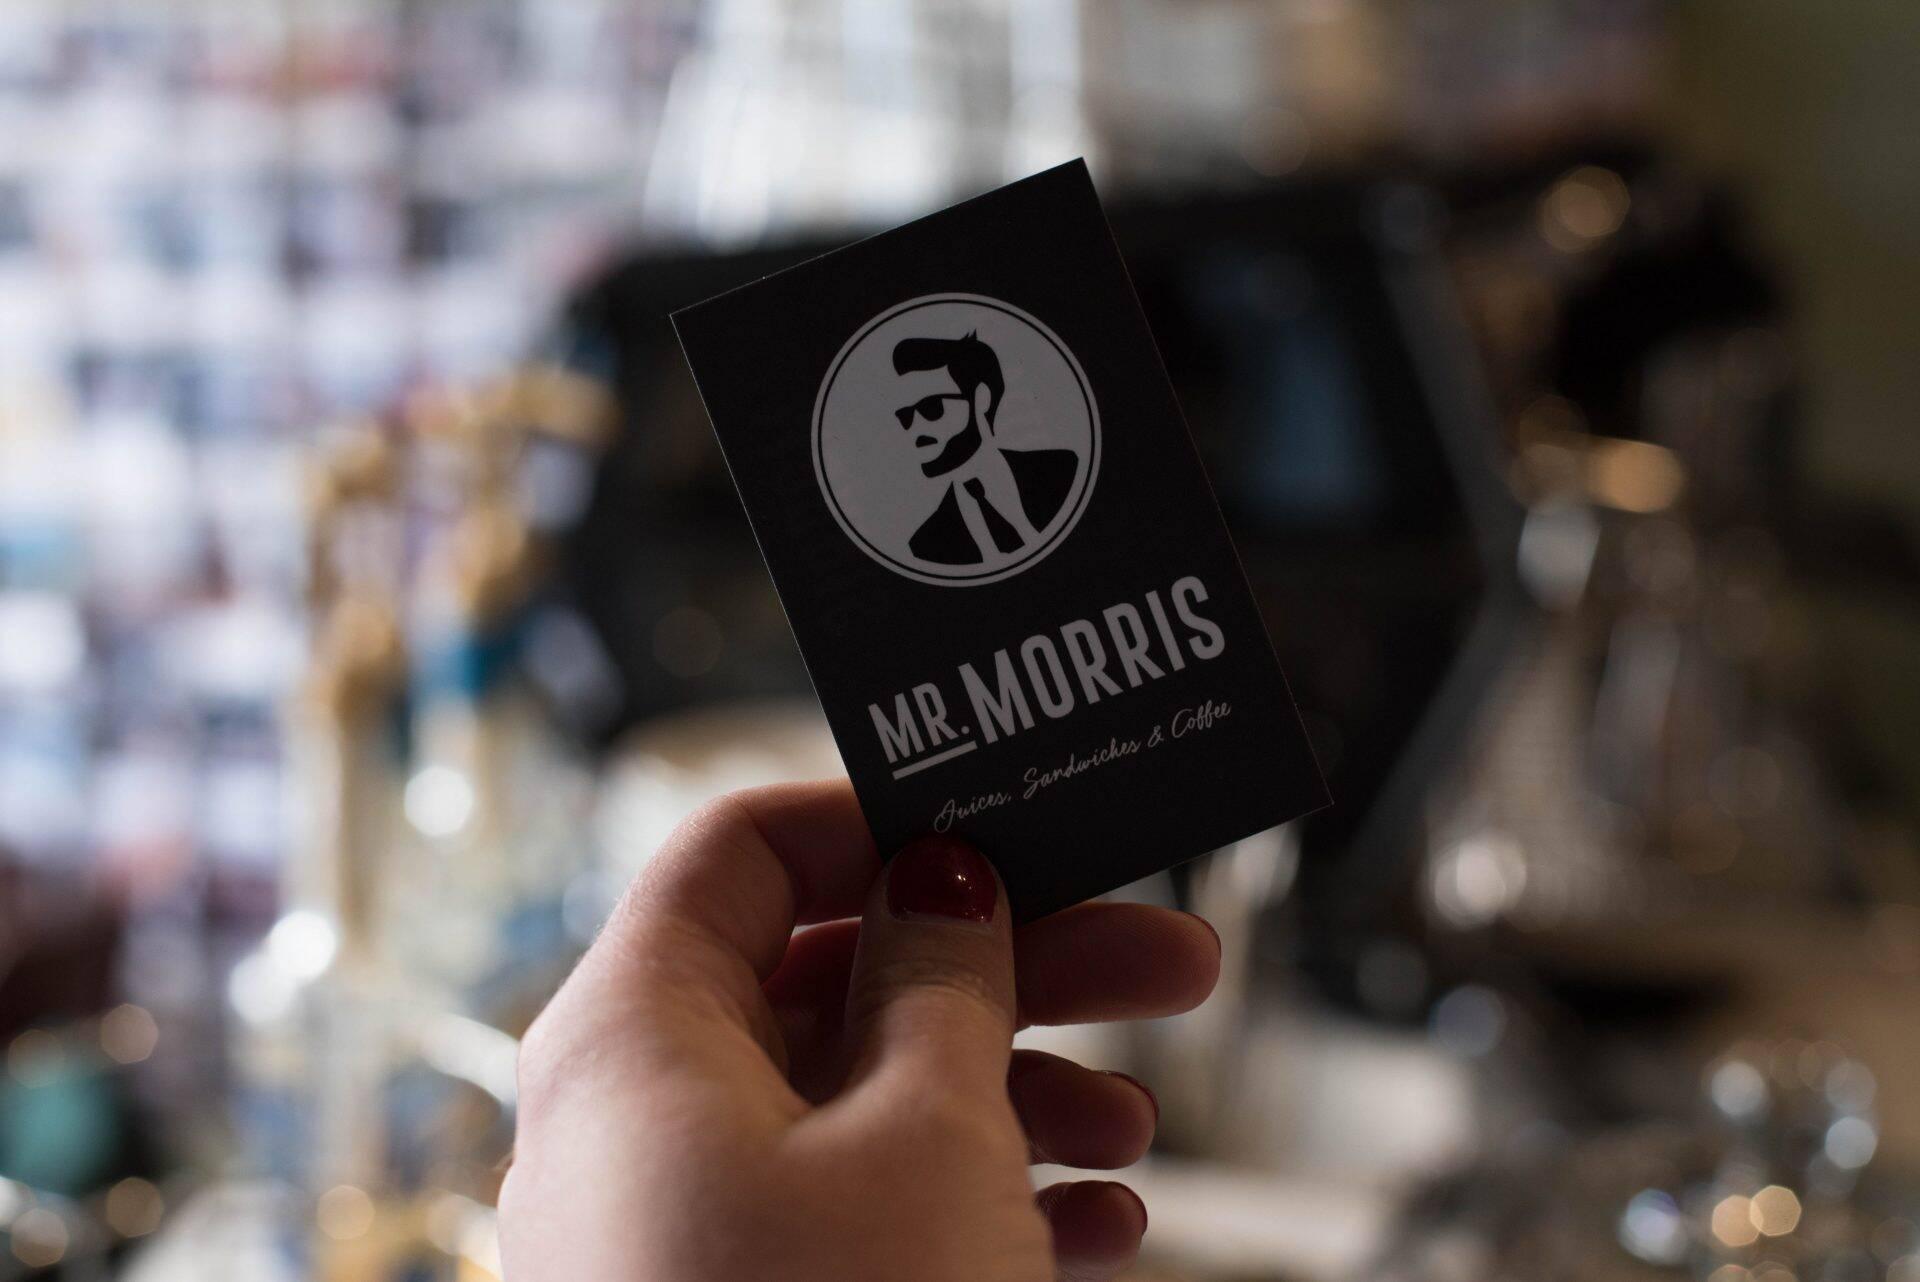 Mr. Morris in Tilburg